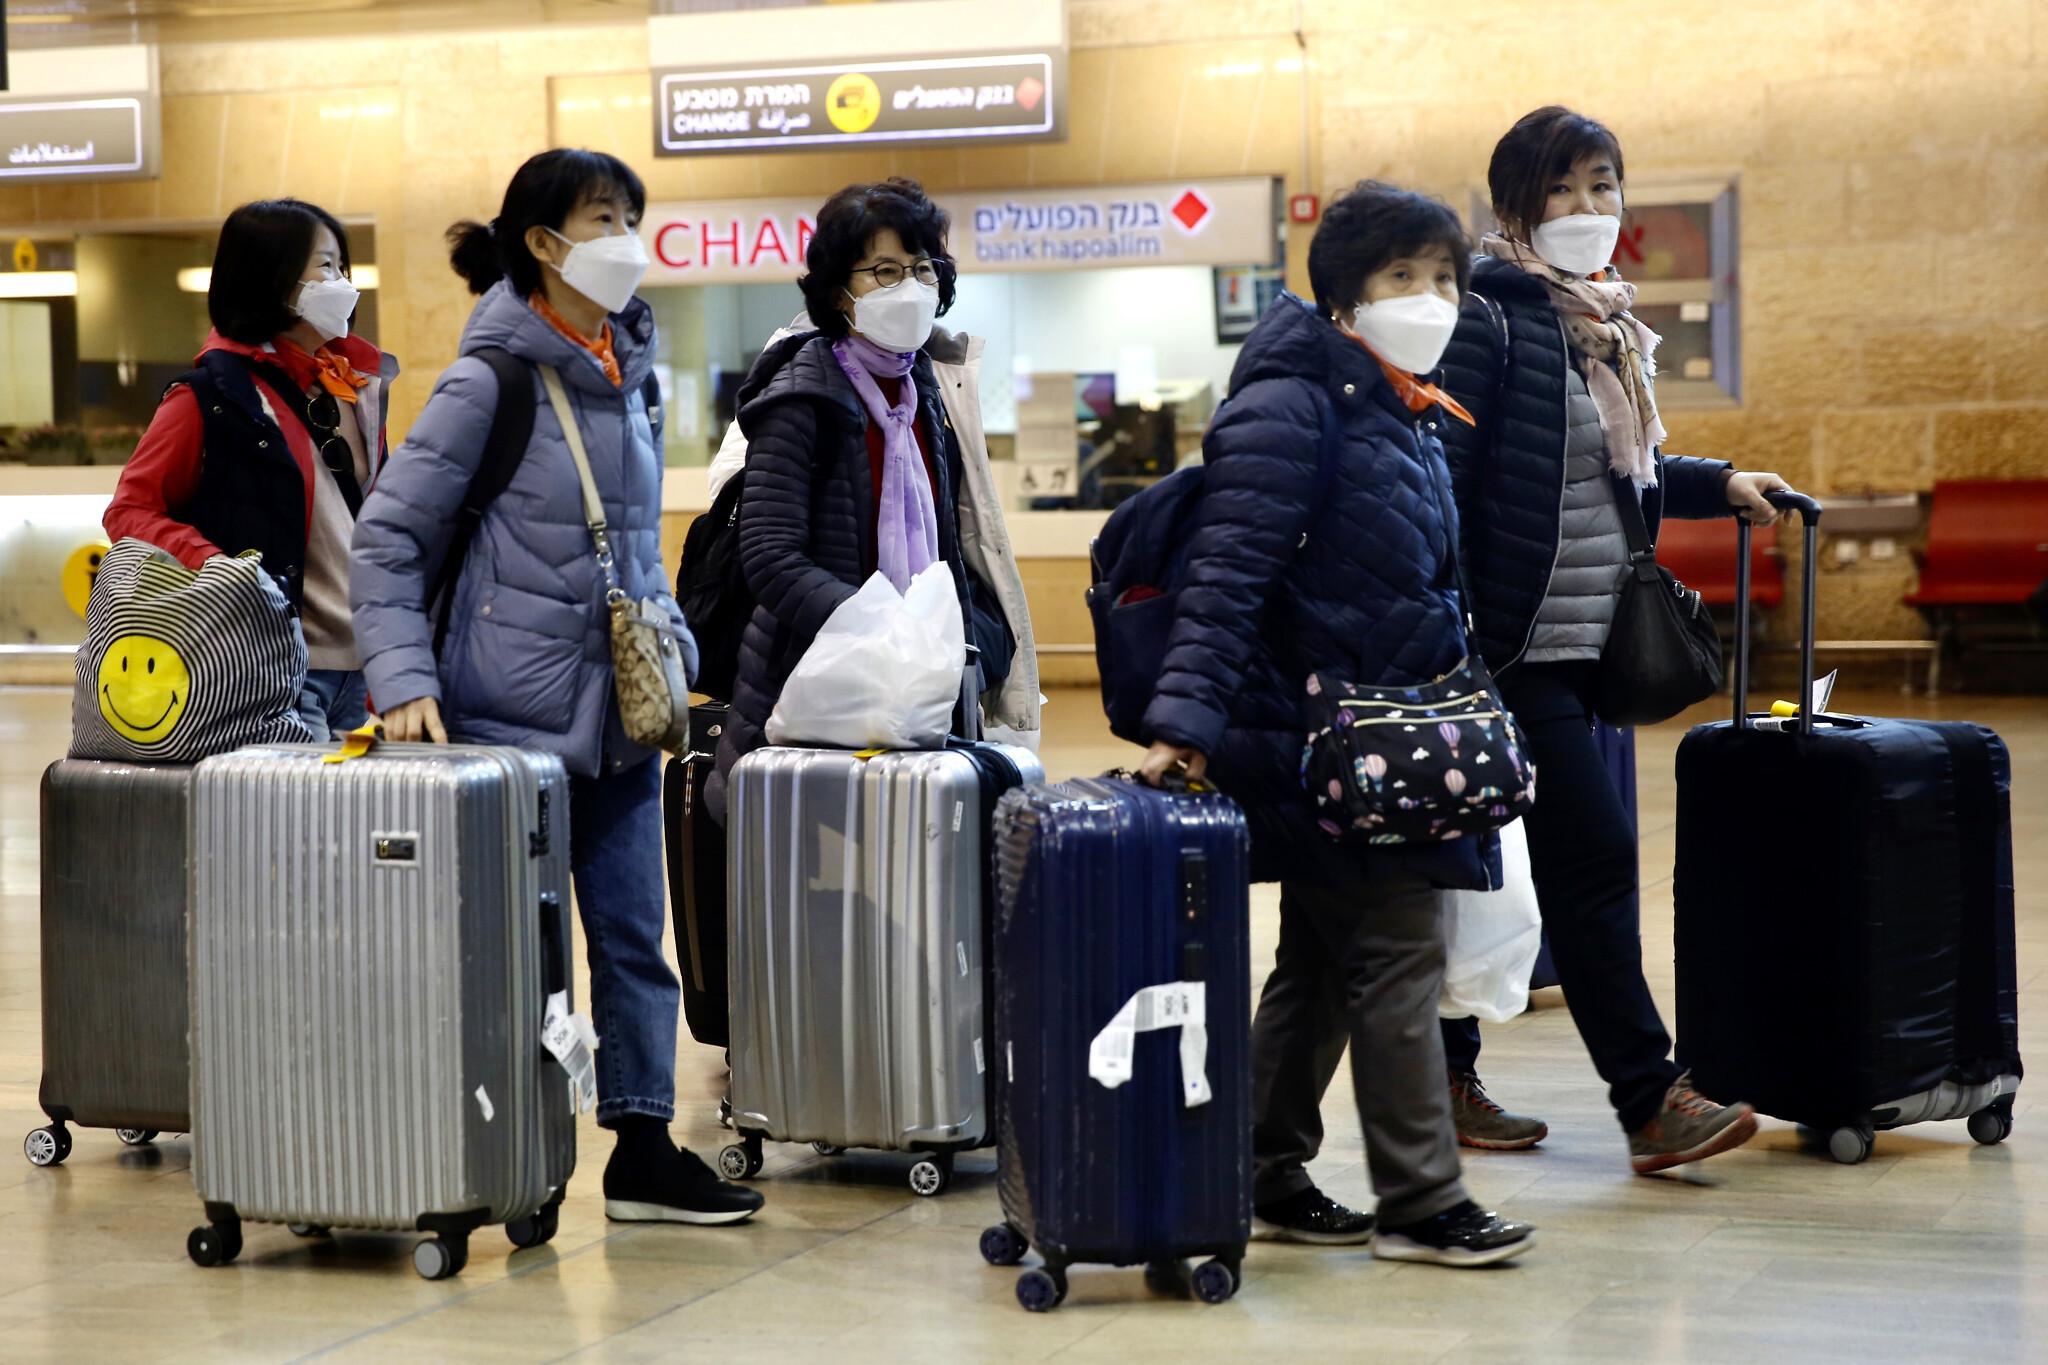 Lý do khách từ Hàn Quốc về sân bay Nội Bài phải chờ đợi lâu